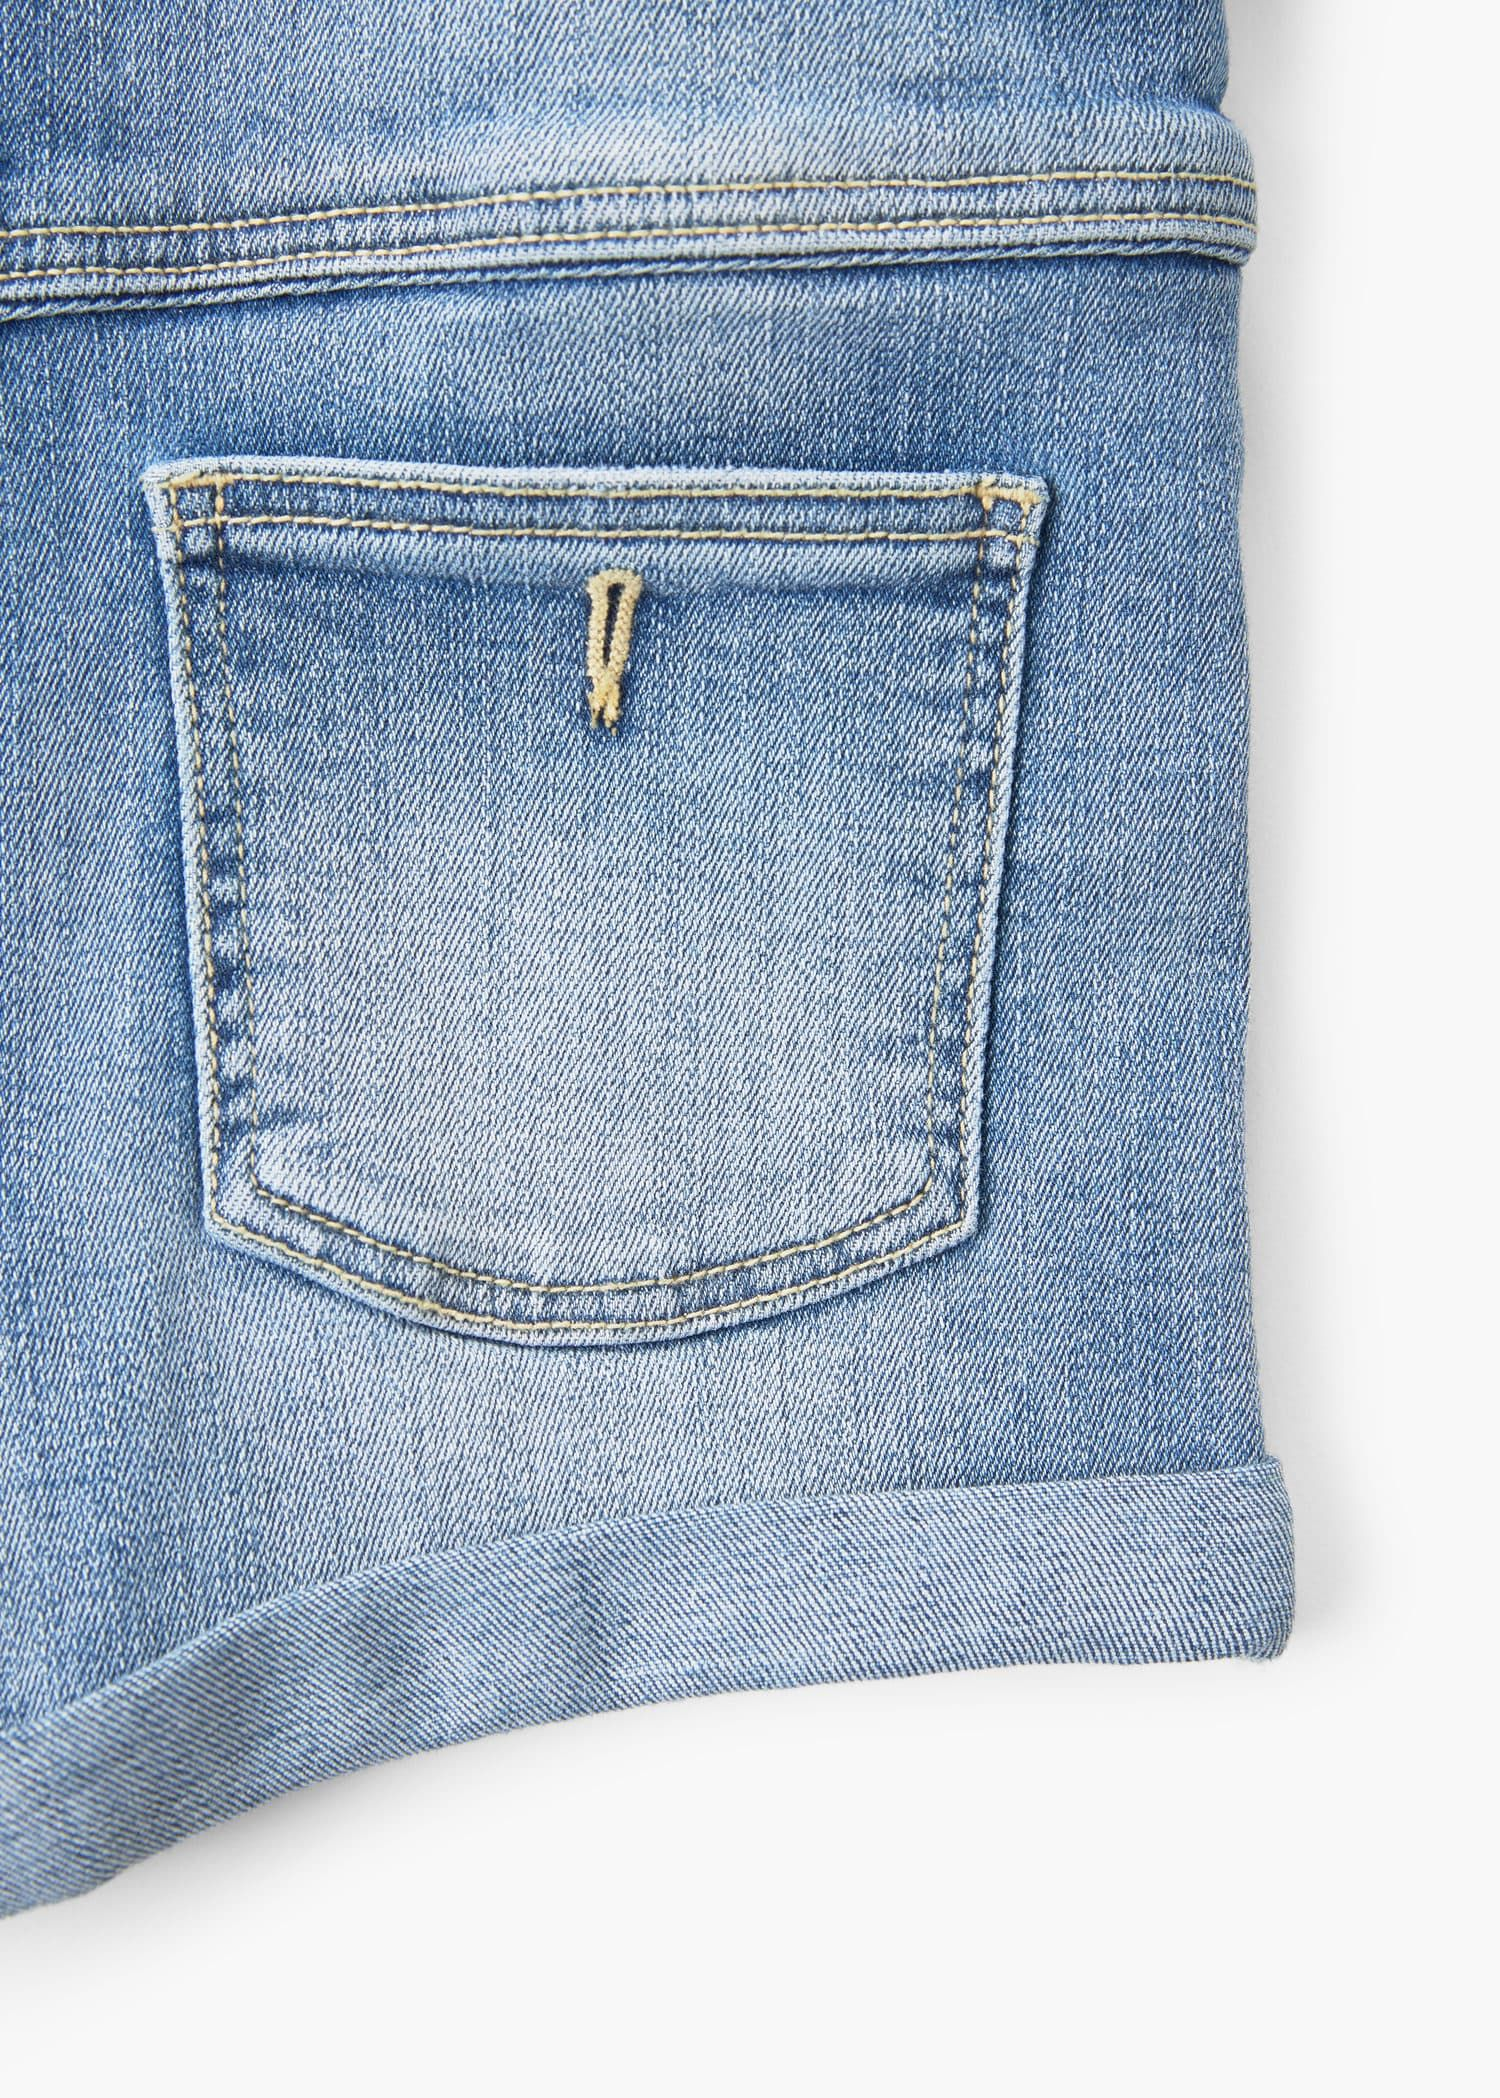 Couleur : gris fonc/é, taille : taille unique SADDPA Tablier de travail en denim en denim bretellesnotions motif personnalis/é logo bandouli/ère en cuir pour homme et femme